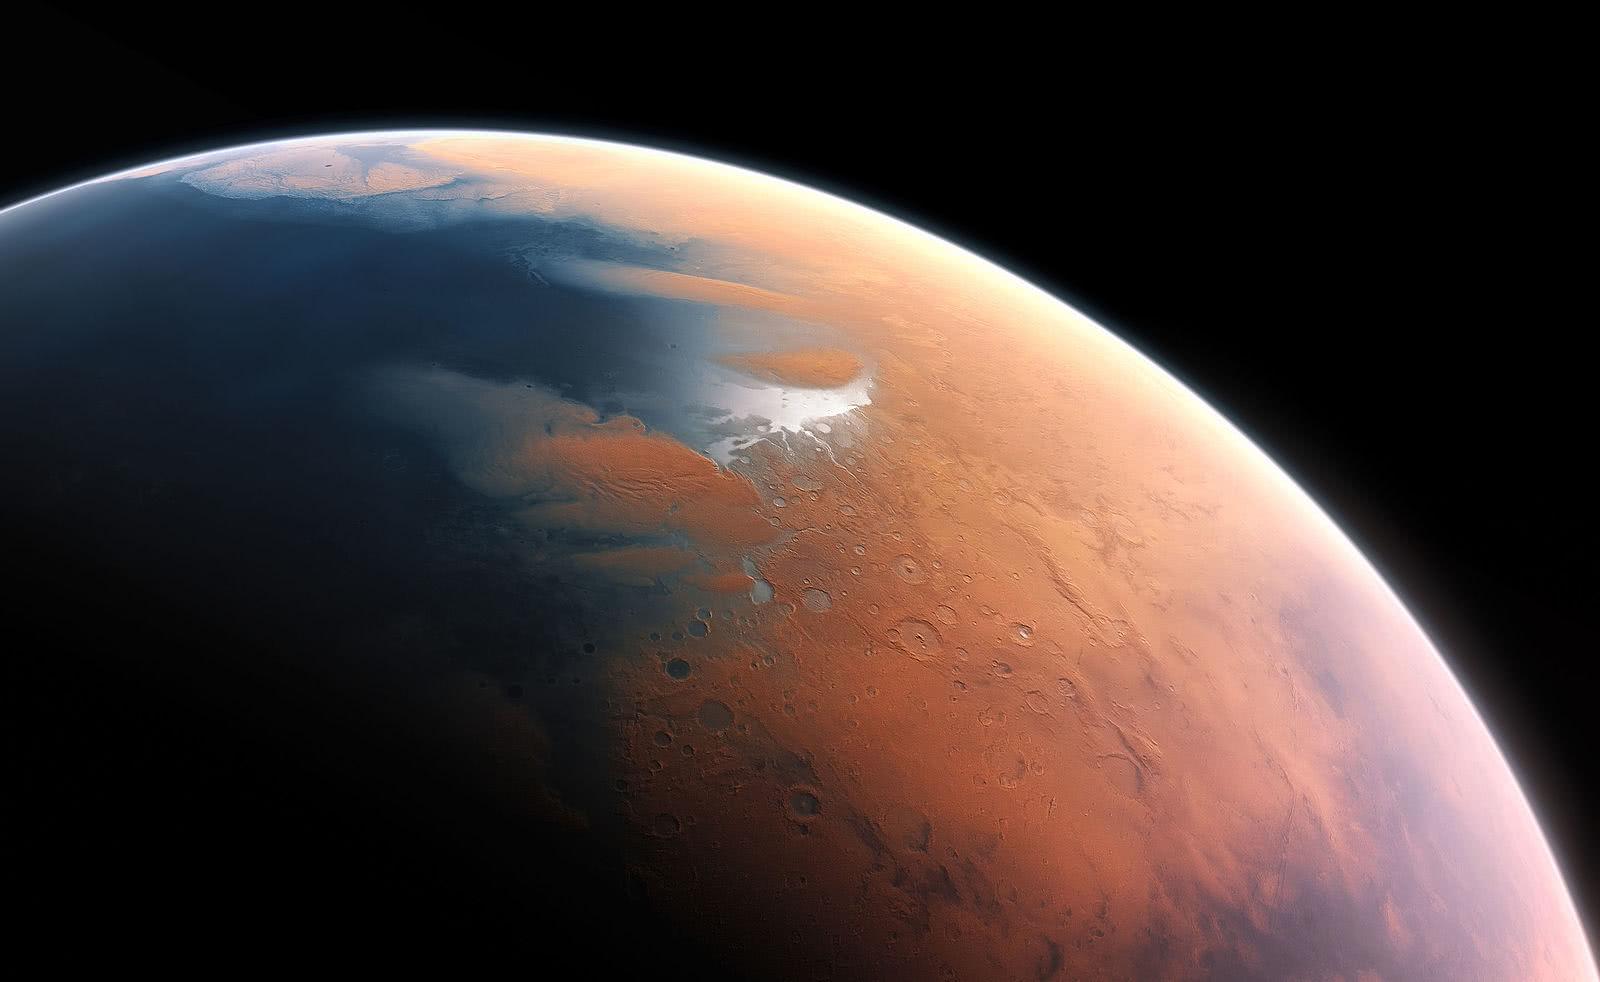 火星上发现了神秘的磁脉冲现象!